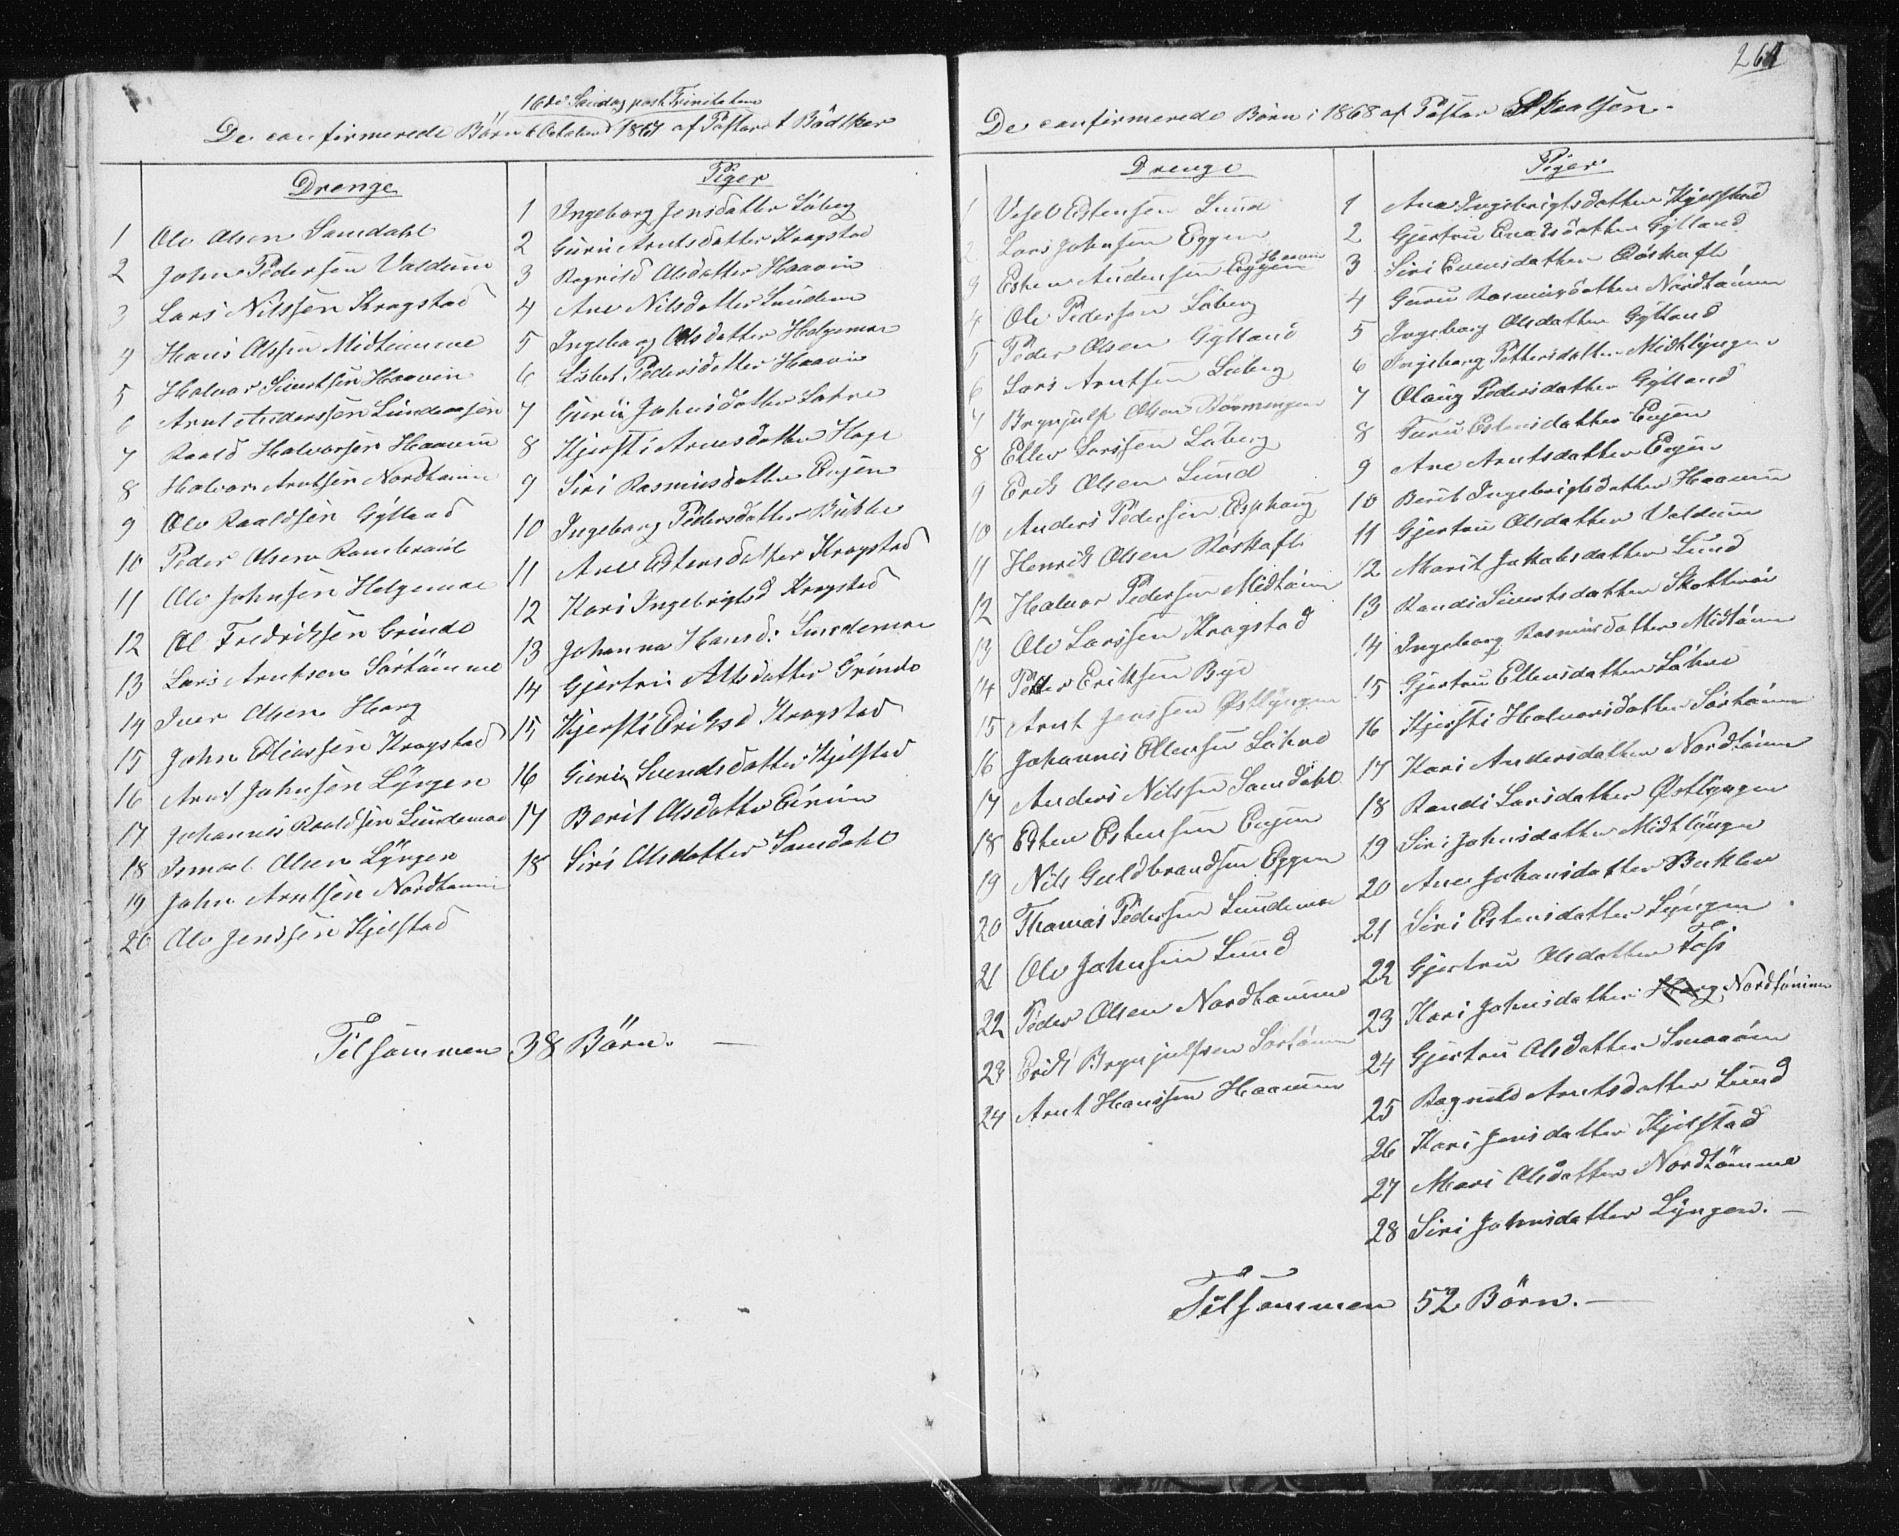 SAT, Ministerialprotokoller, klokkerbøker og fødselsregistre - Sør-Trøndelag, 692/L1110: Klokkerbok nr. 692C05, 1849-1889, s. 264